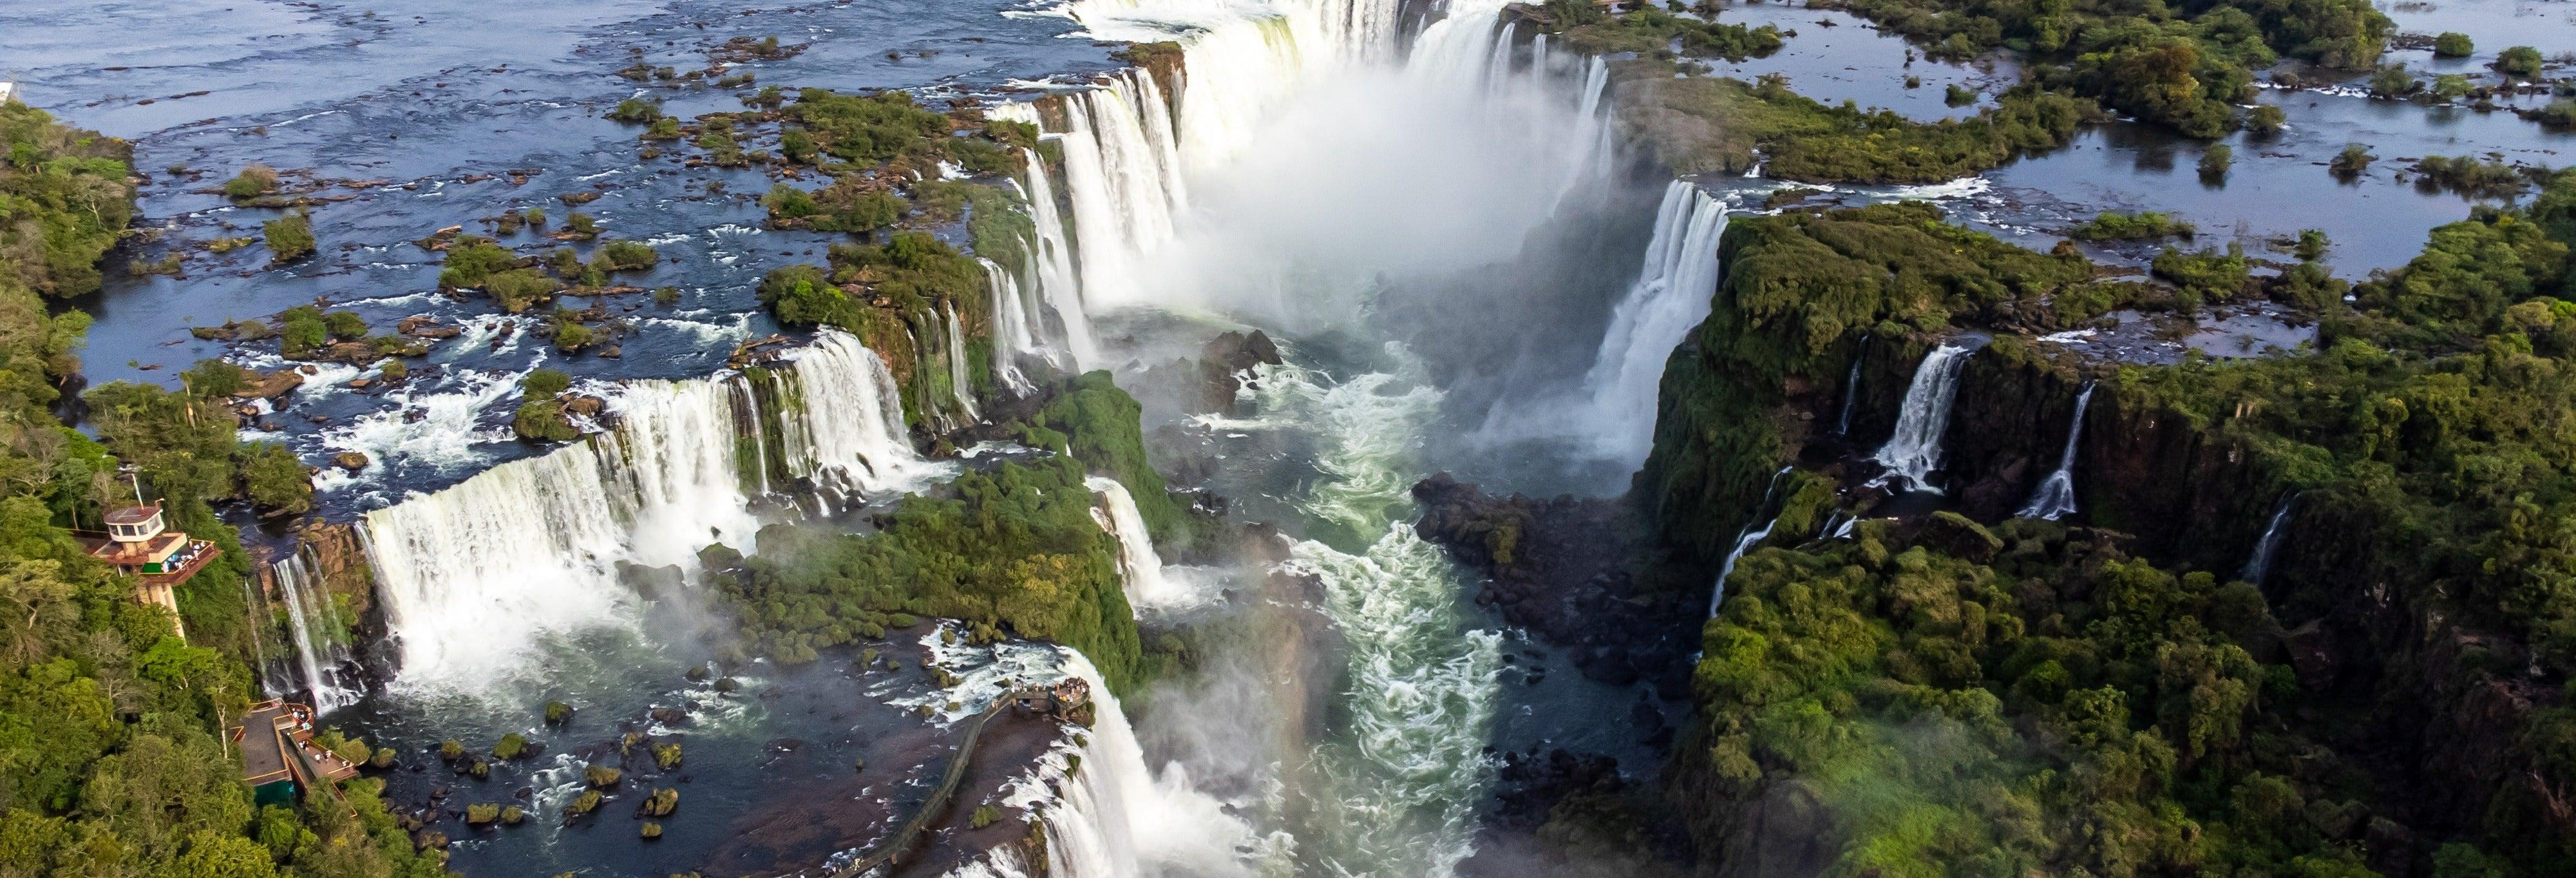 Iguaçu Falls Helicopter Ride